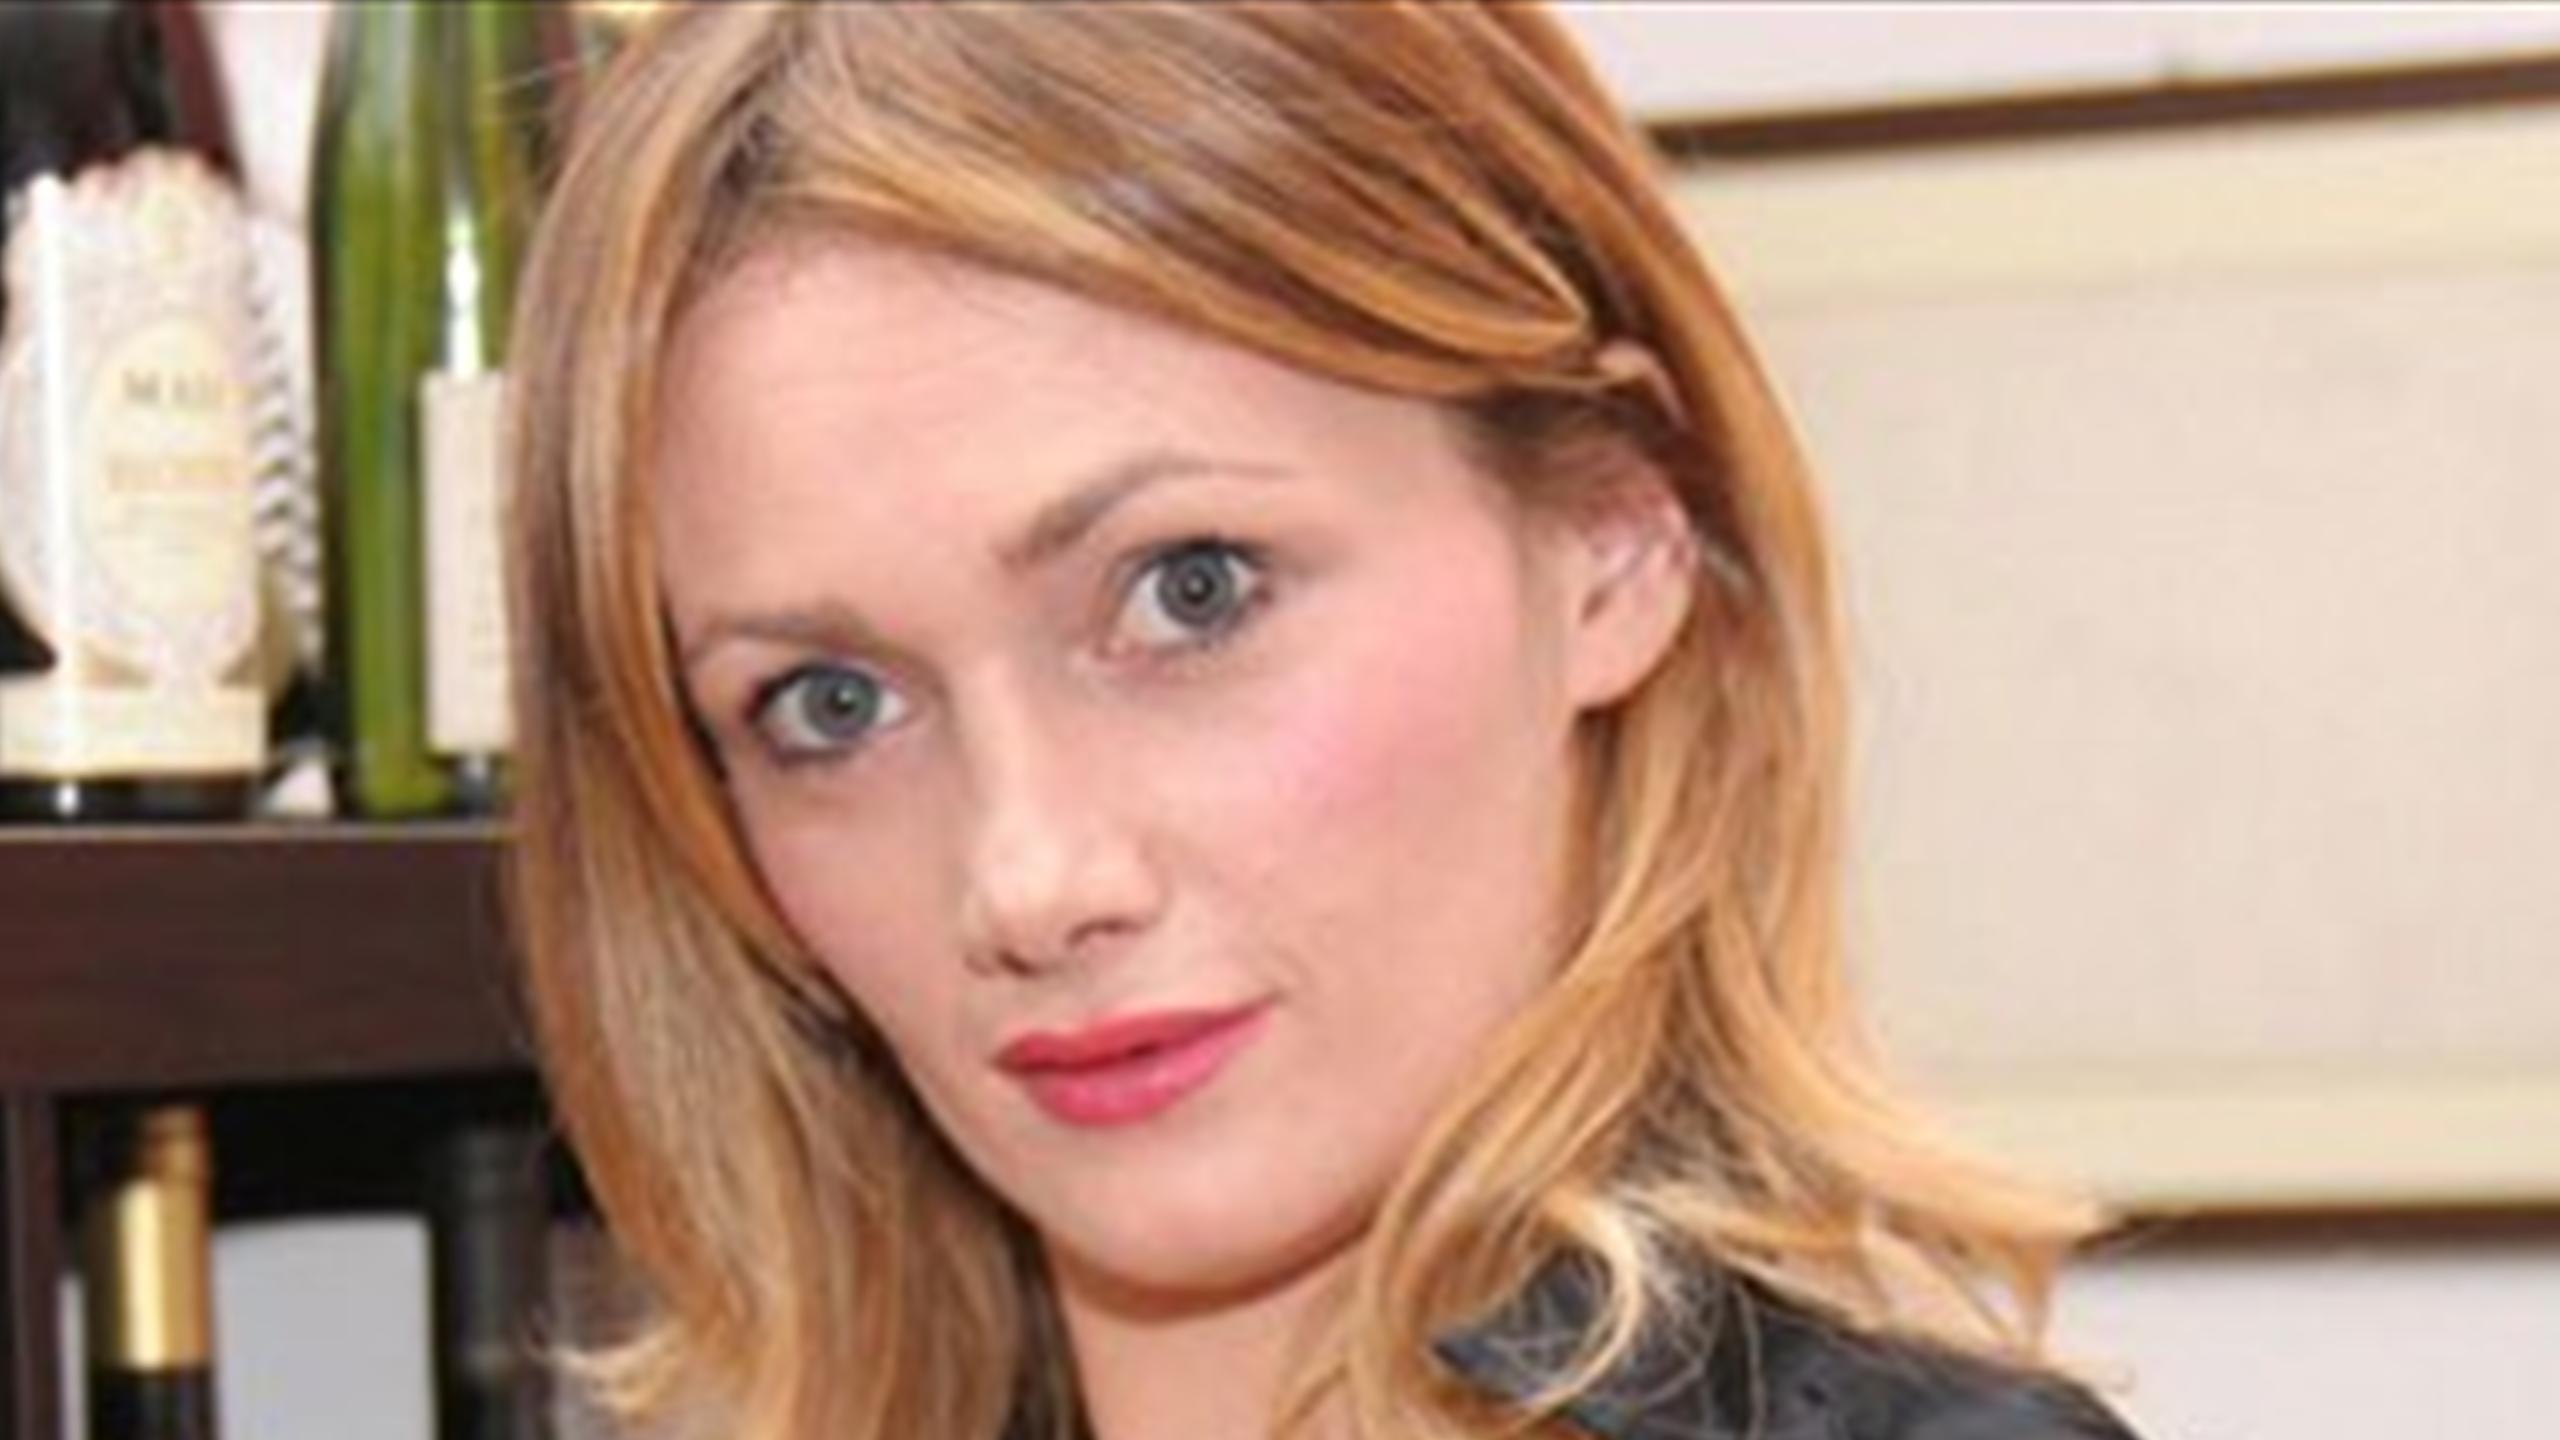 Actriz Porno Lea la actriz porno que aterroriza al fútbol italiano